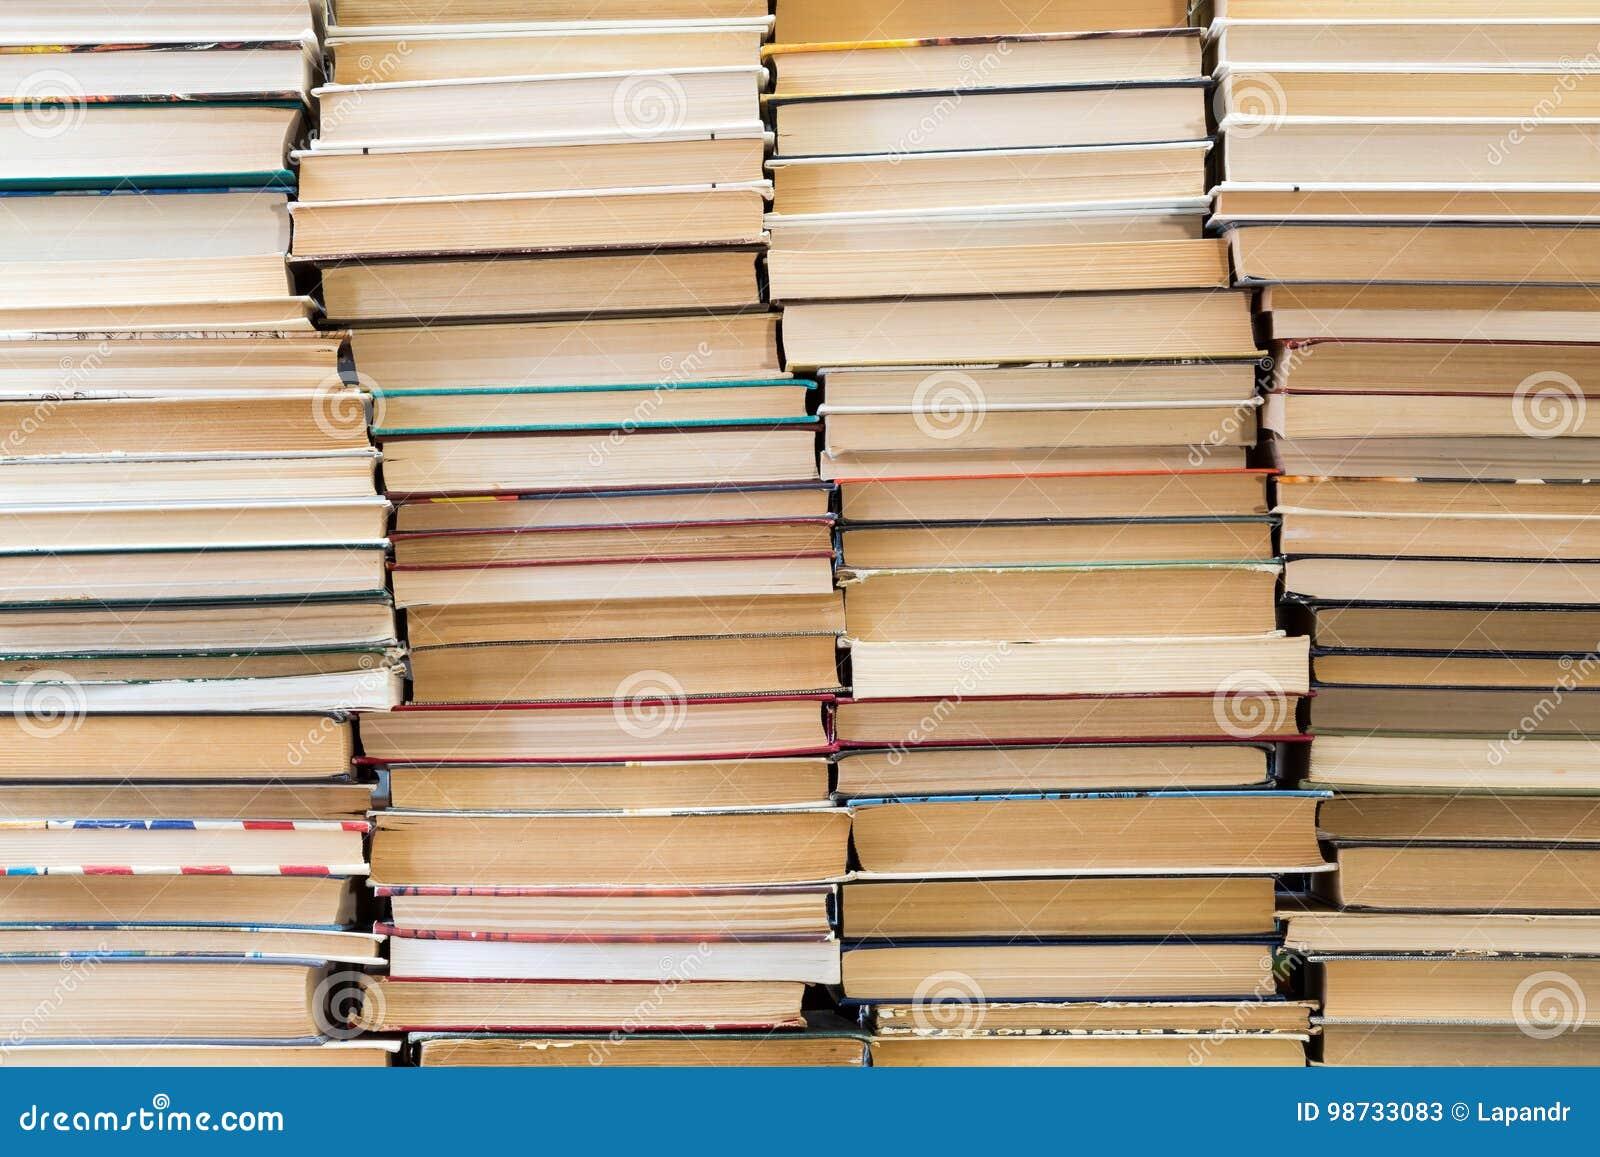 Une pile de livres avec les couvertures colorées La bibliothèque ou la librairie Livres ou manuels Éducation et lecture